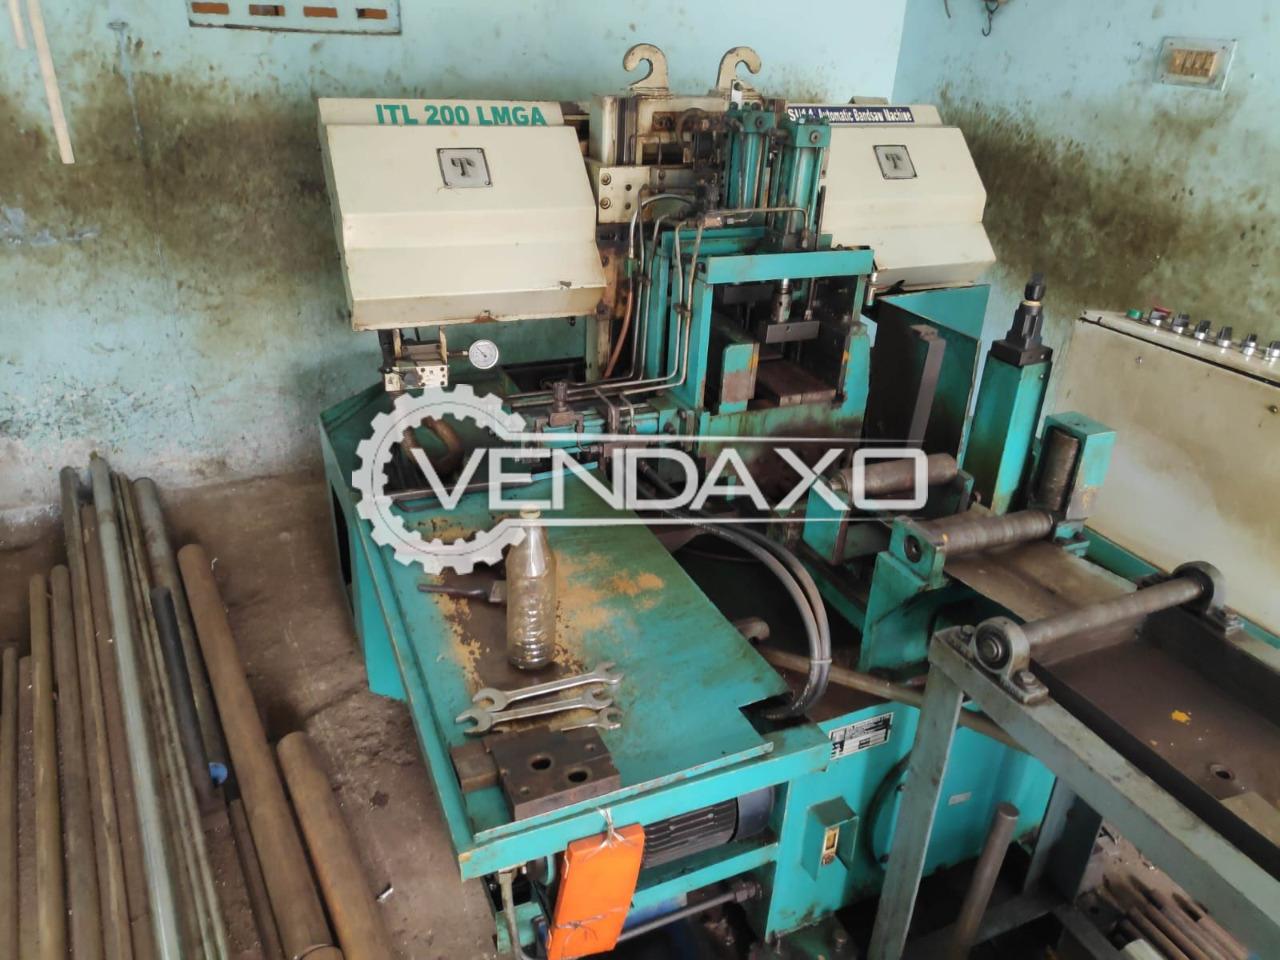 ITL 200 LMGA Bandsaw Cutter Machine - Cutting Diameter - 200 mm